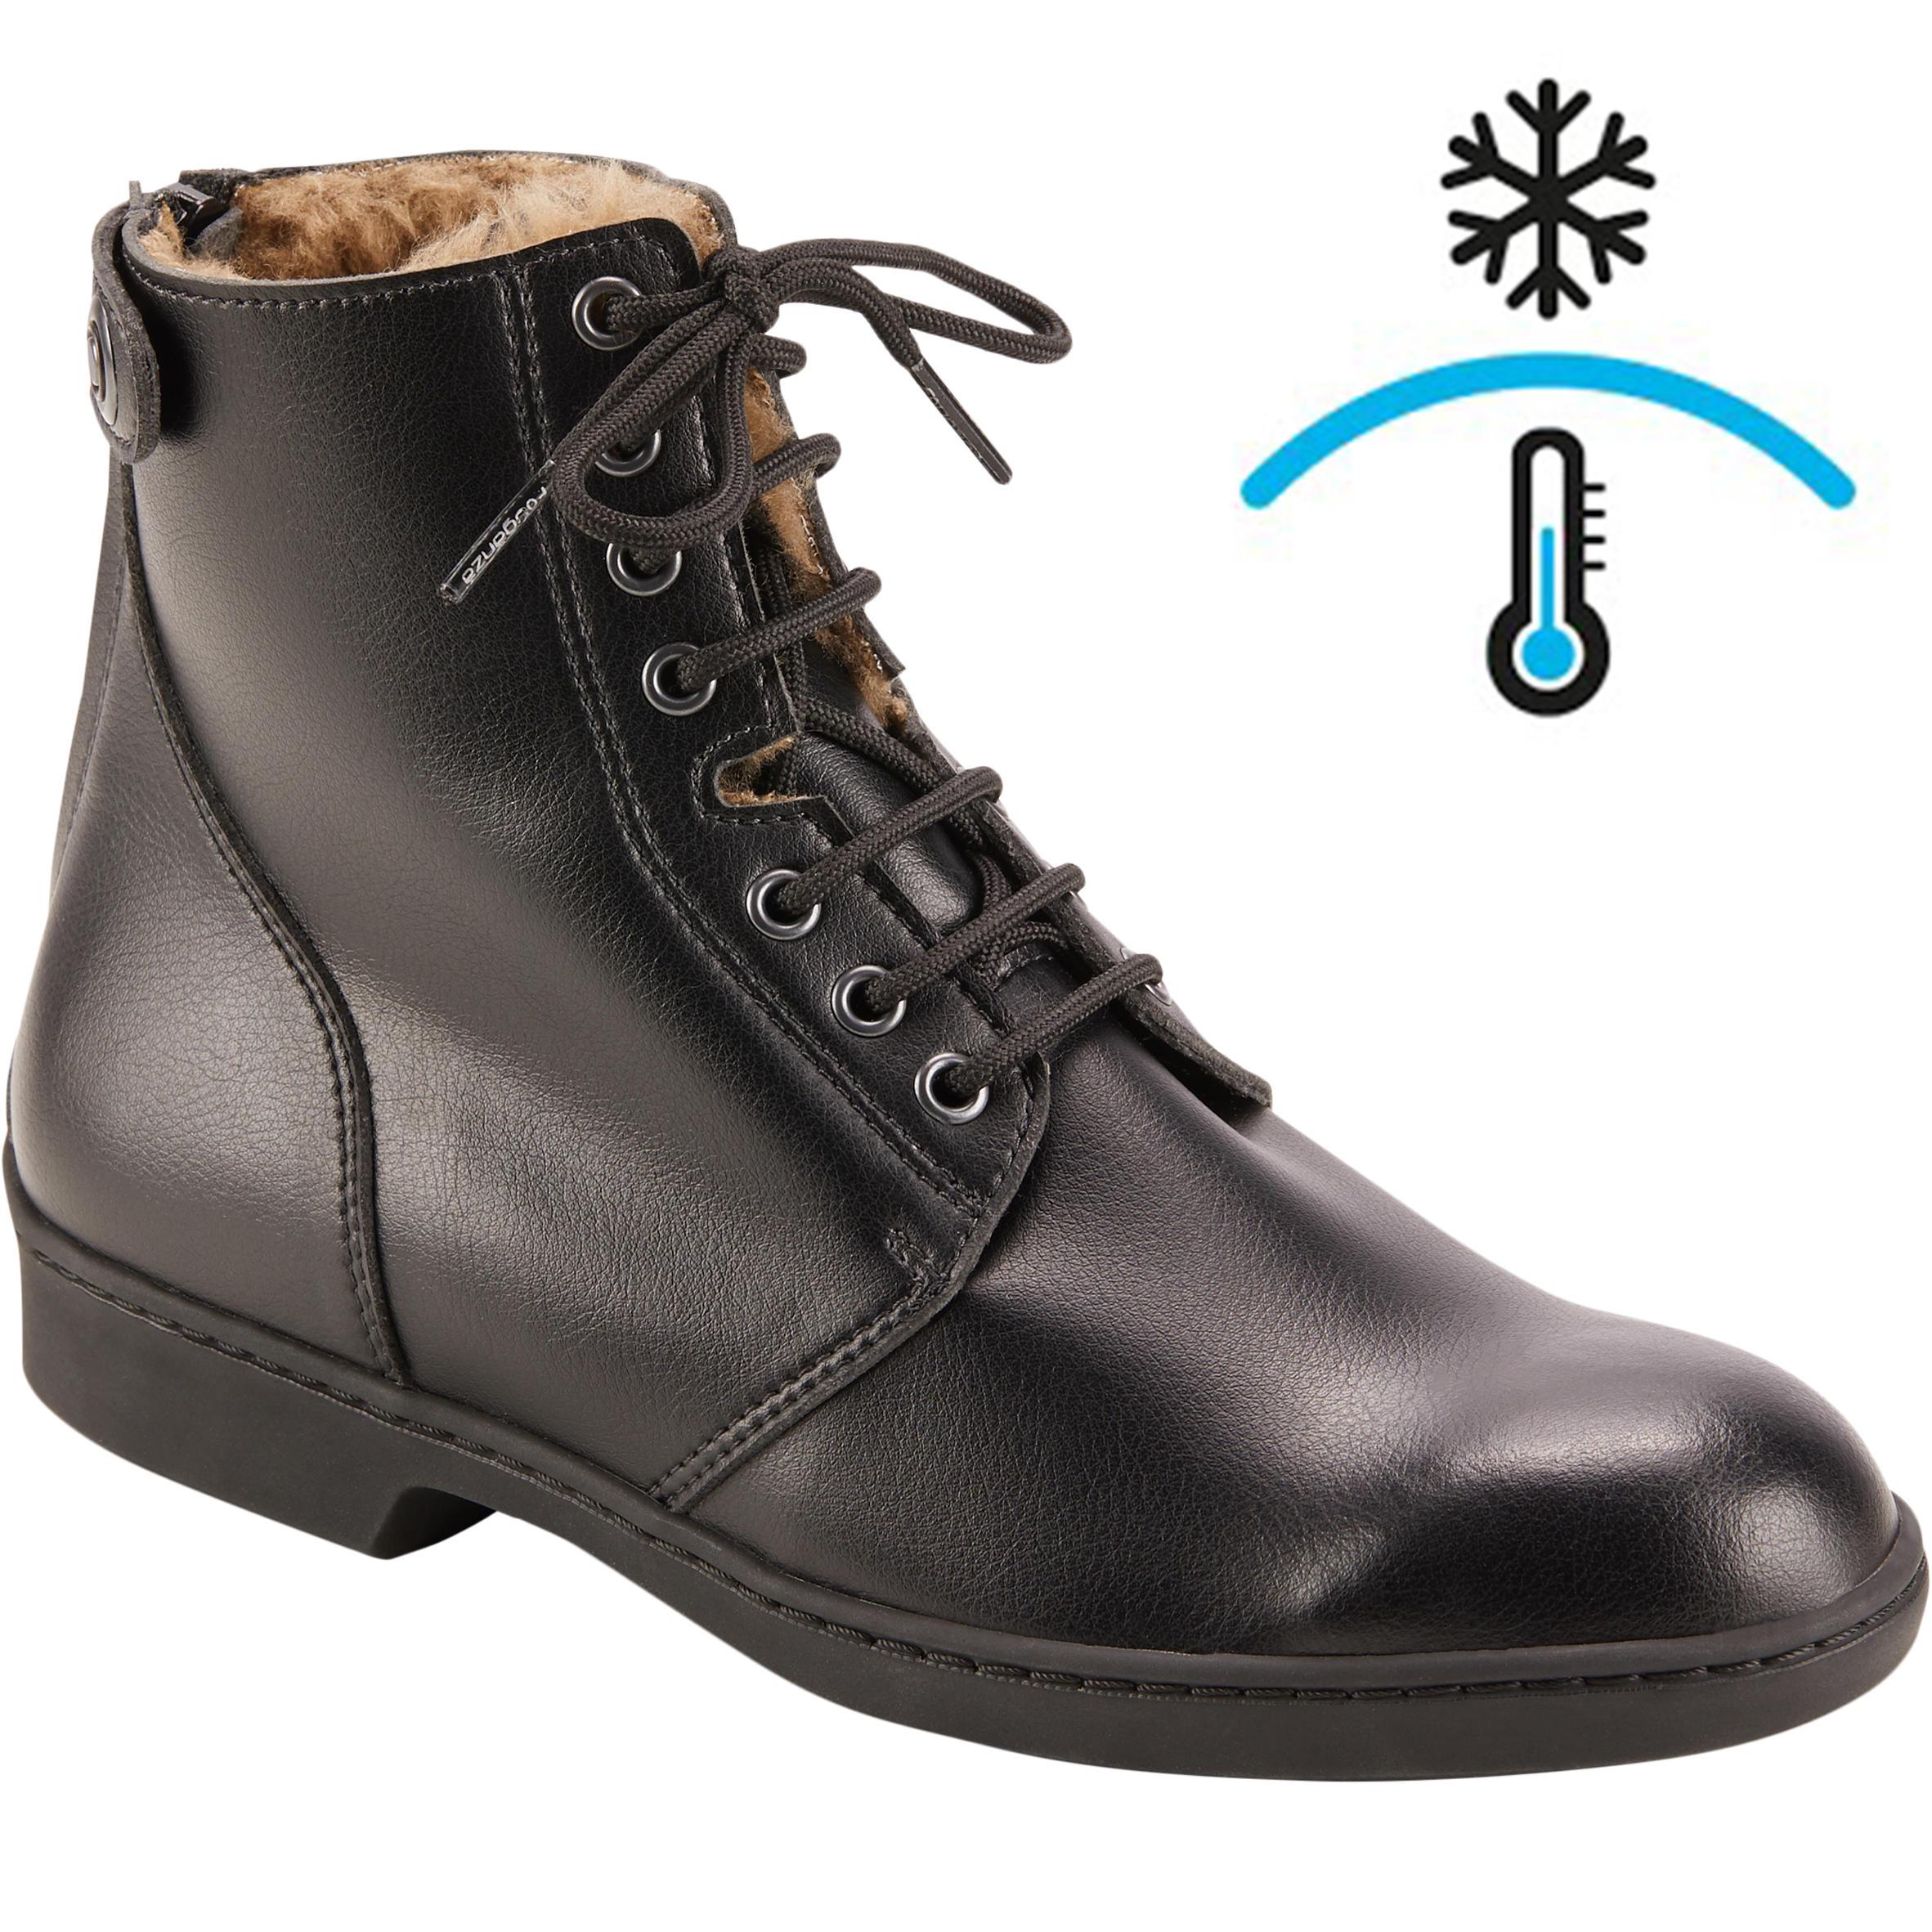 9c9a371bac6 Fouganza Warme jodhpurs met veters voor volwassenen 500 Warm zwart